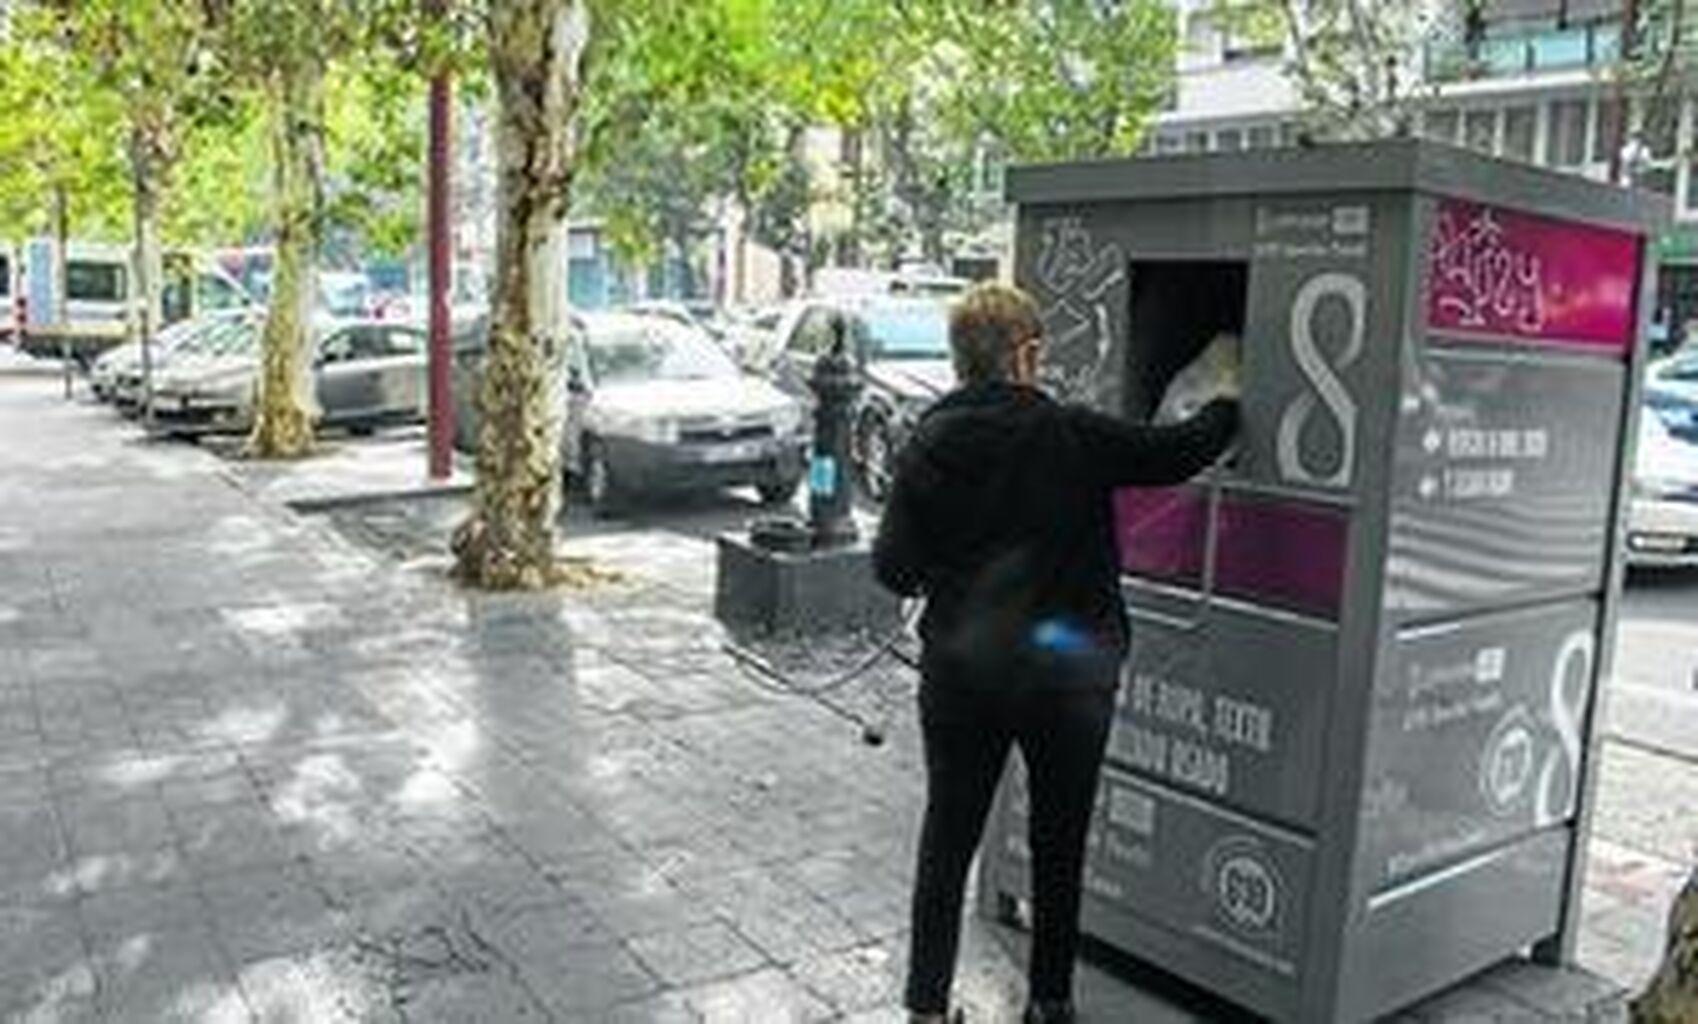 Puntos recogida ropa barcelona